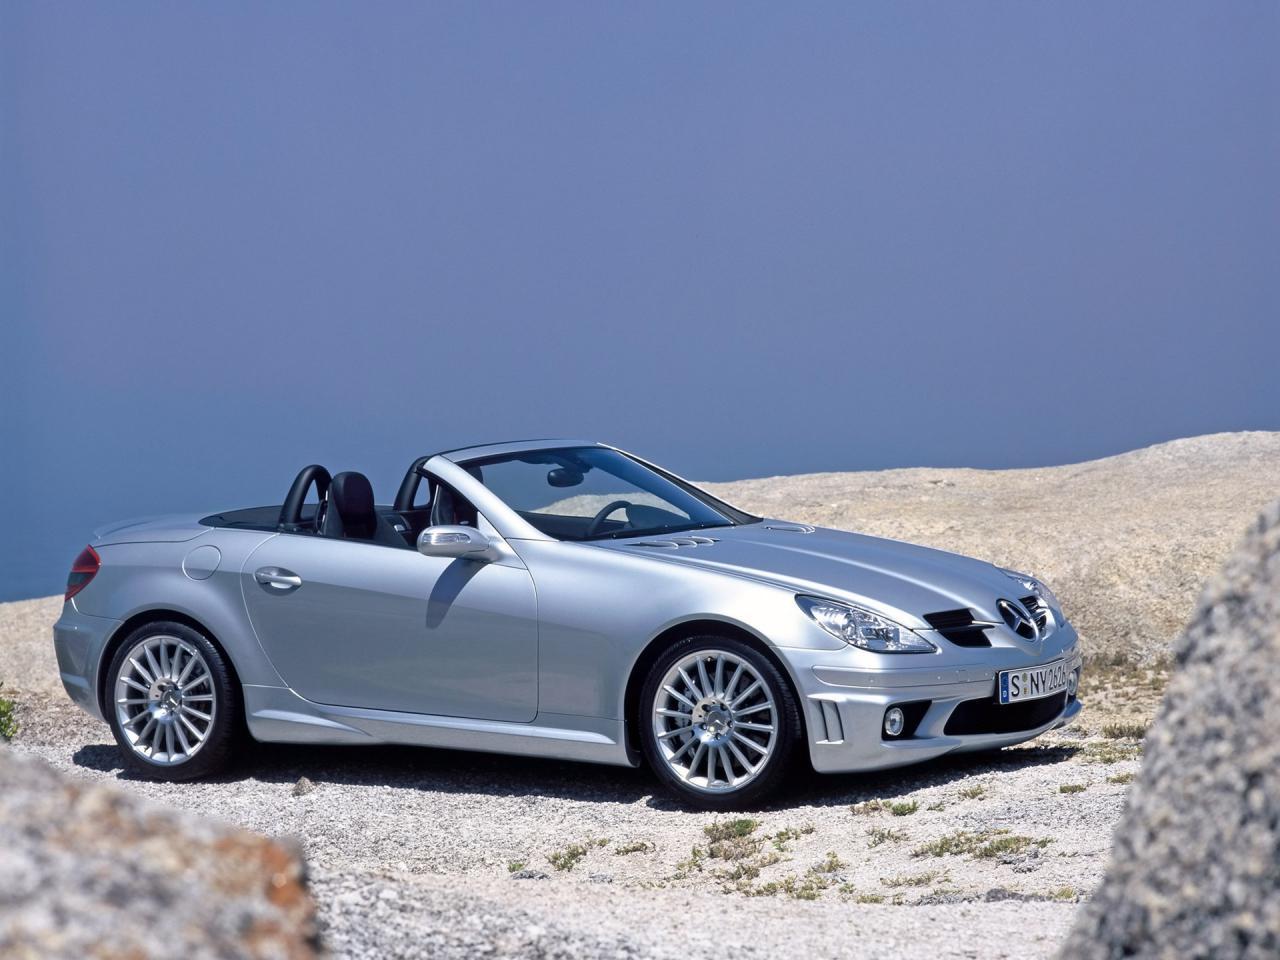 2006 Mercedes Benz SLK R171 55 AMG